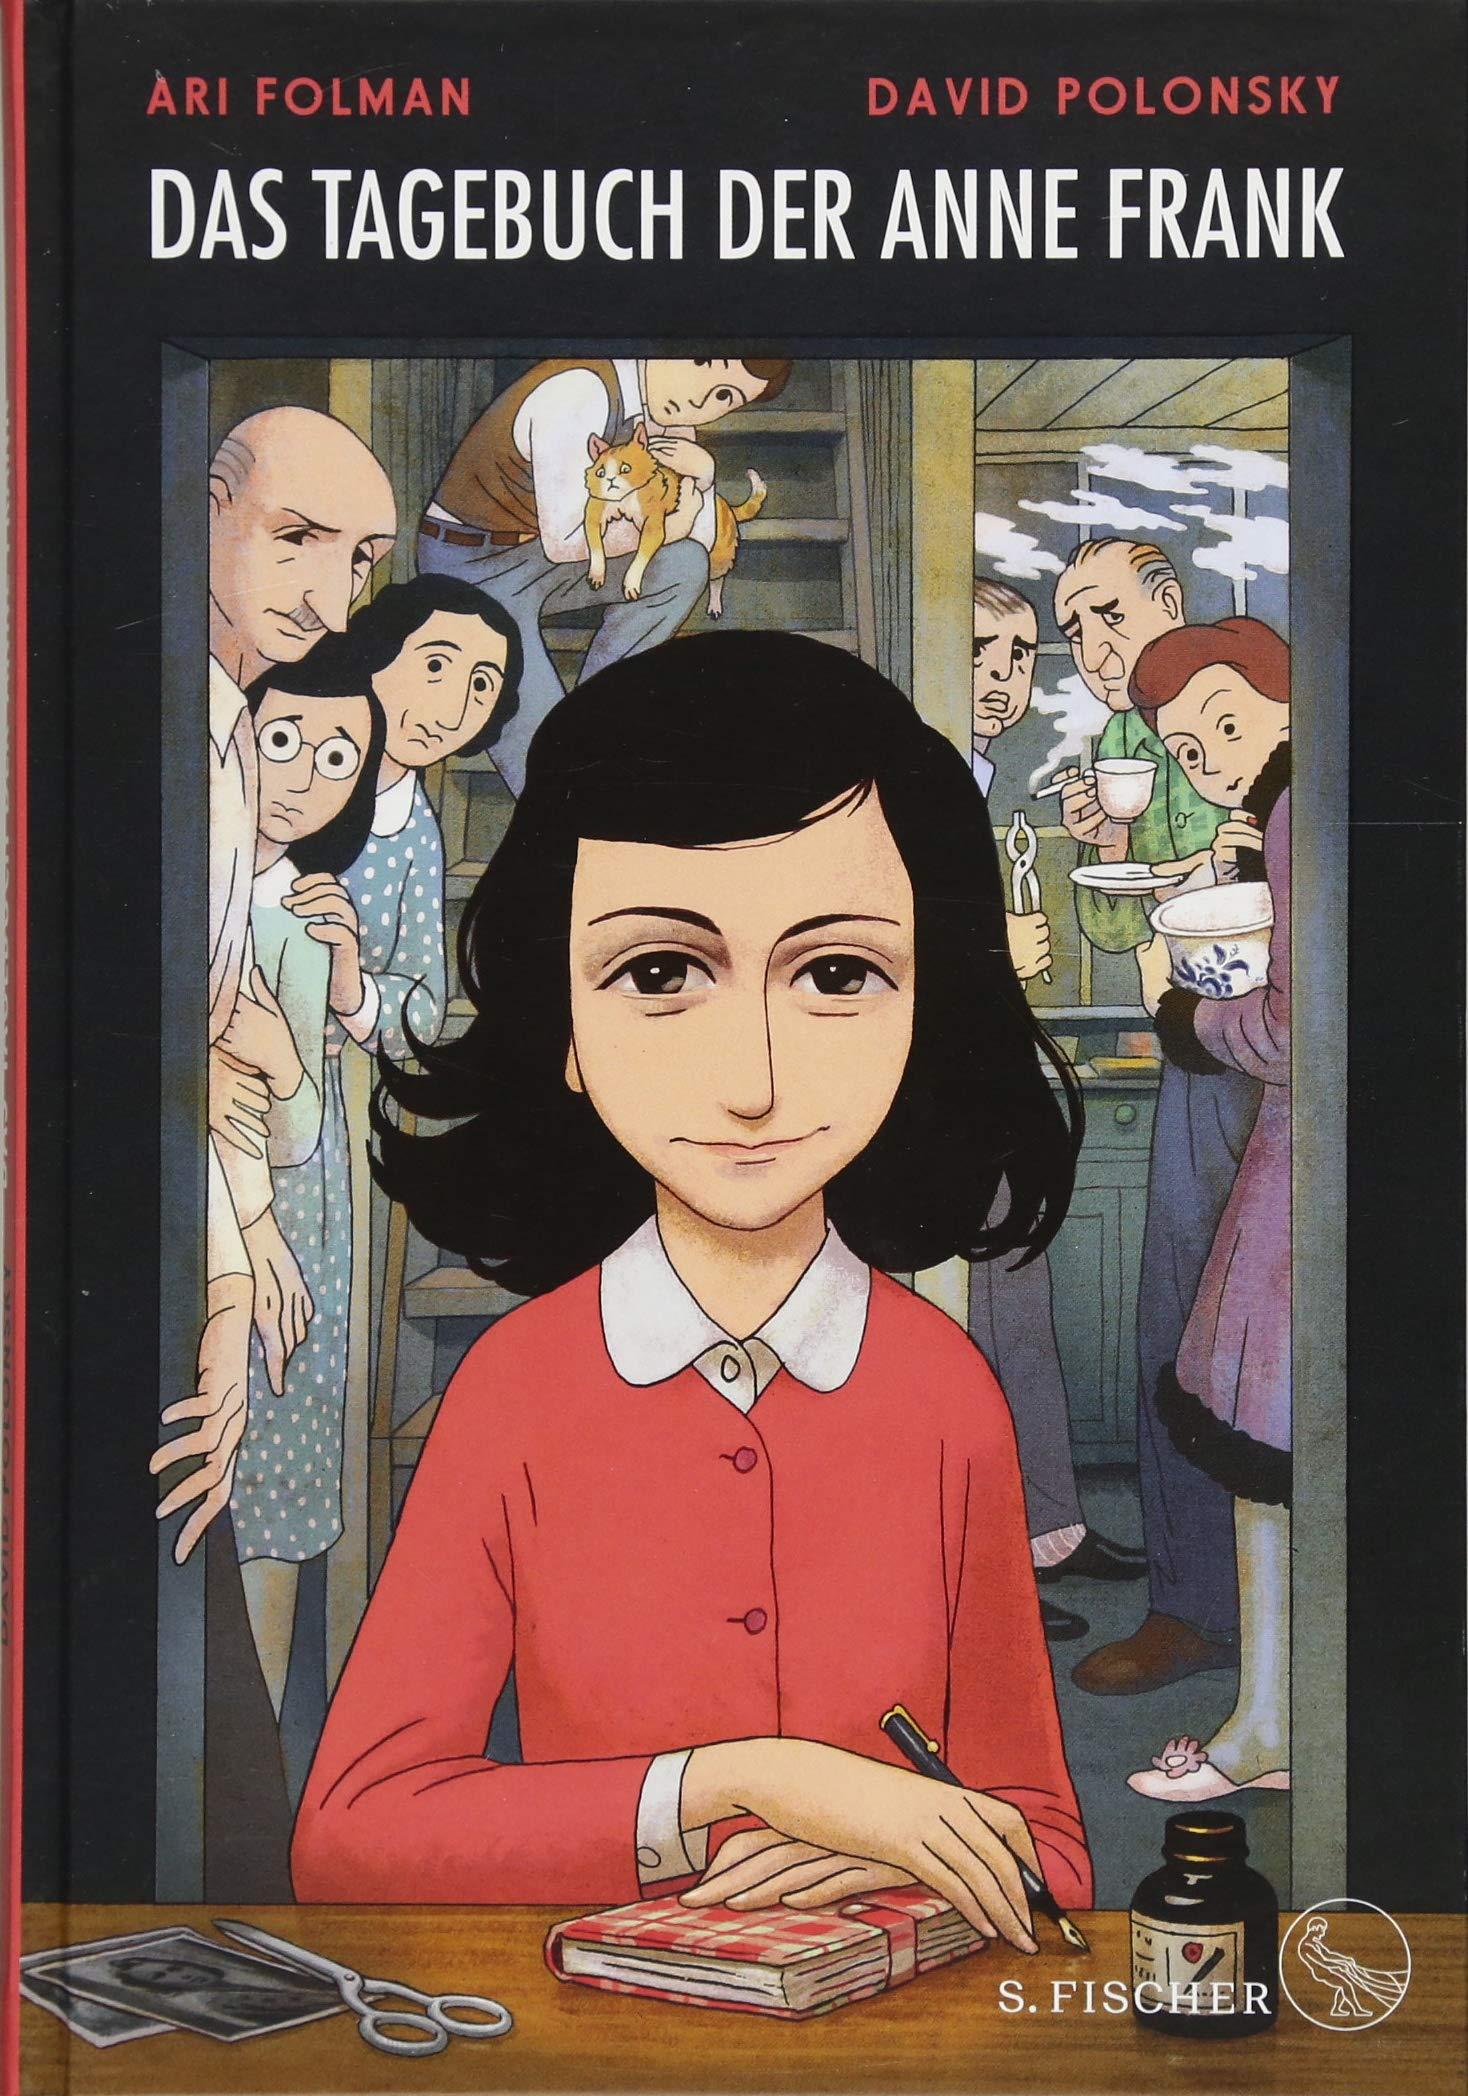 Das Tagebuch der Anne Frank: Graphic Diary. Umgesetzt von Ari Folman und David Polonsky Gebundenes Buch – 5. Oktober 2017 Mirjam Pressler Klaus Timmermann Ulrike Wasel S. FISCHER